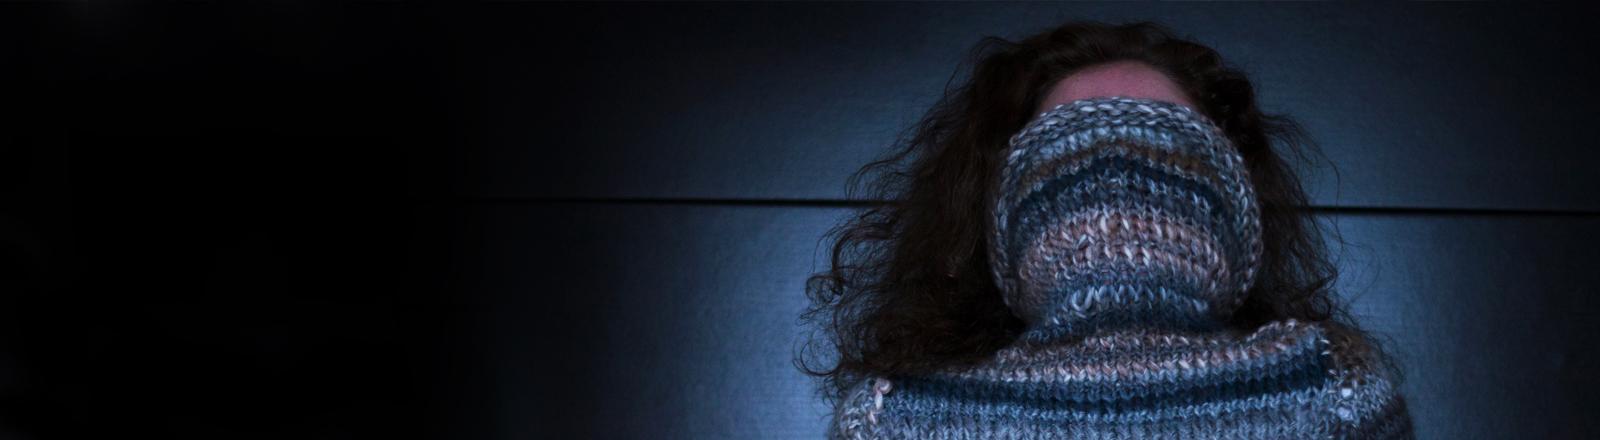 Eine Frau hat den Kragen eines Pullovers über den Kopf gezogen